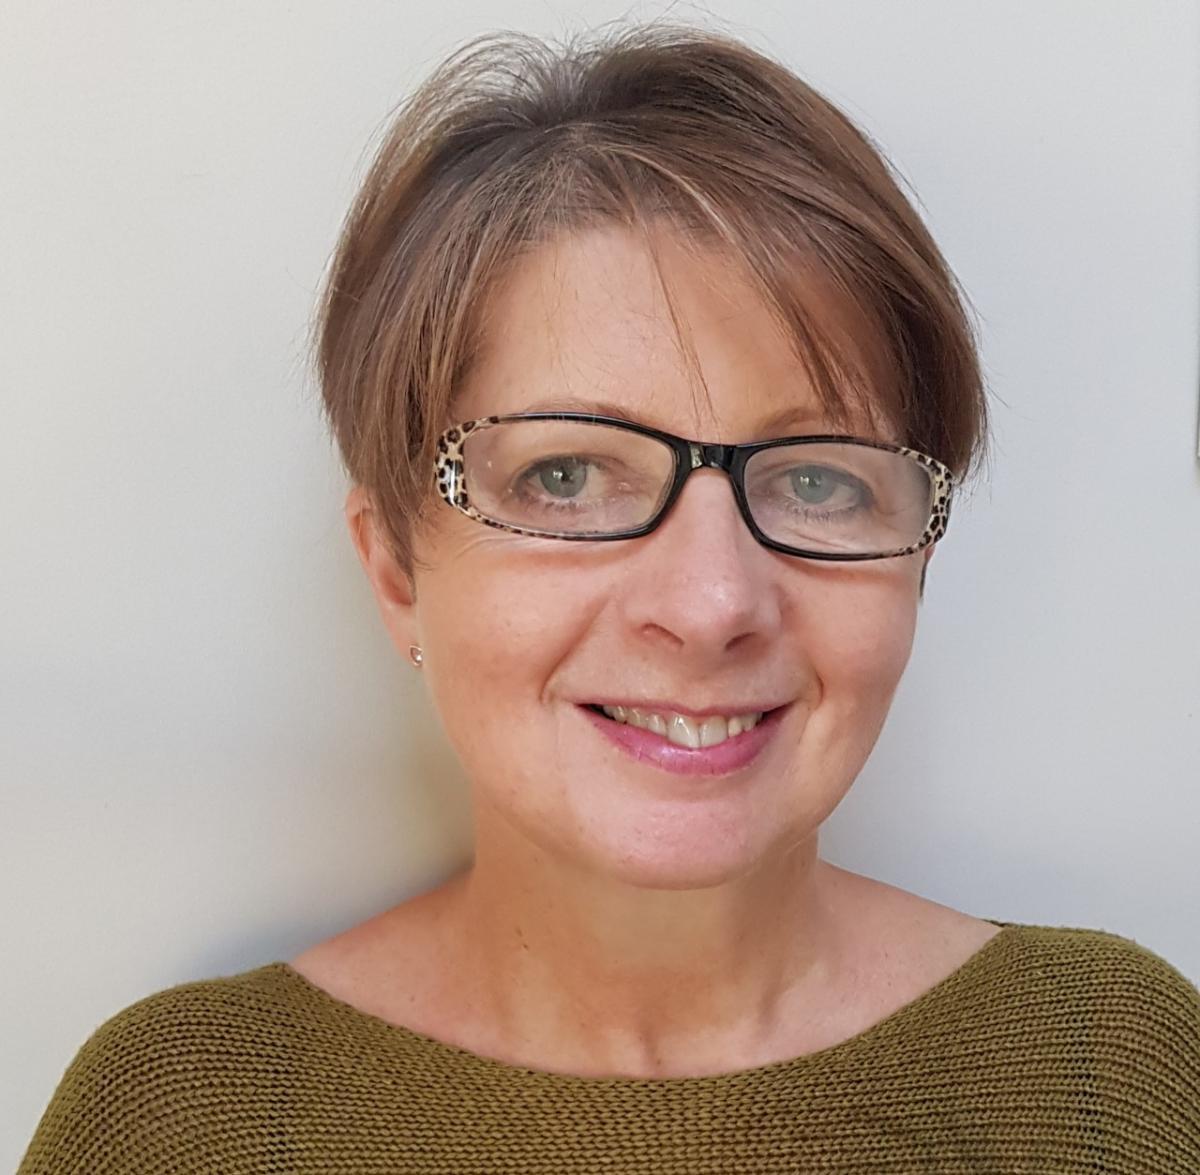 Nicola Gibson